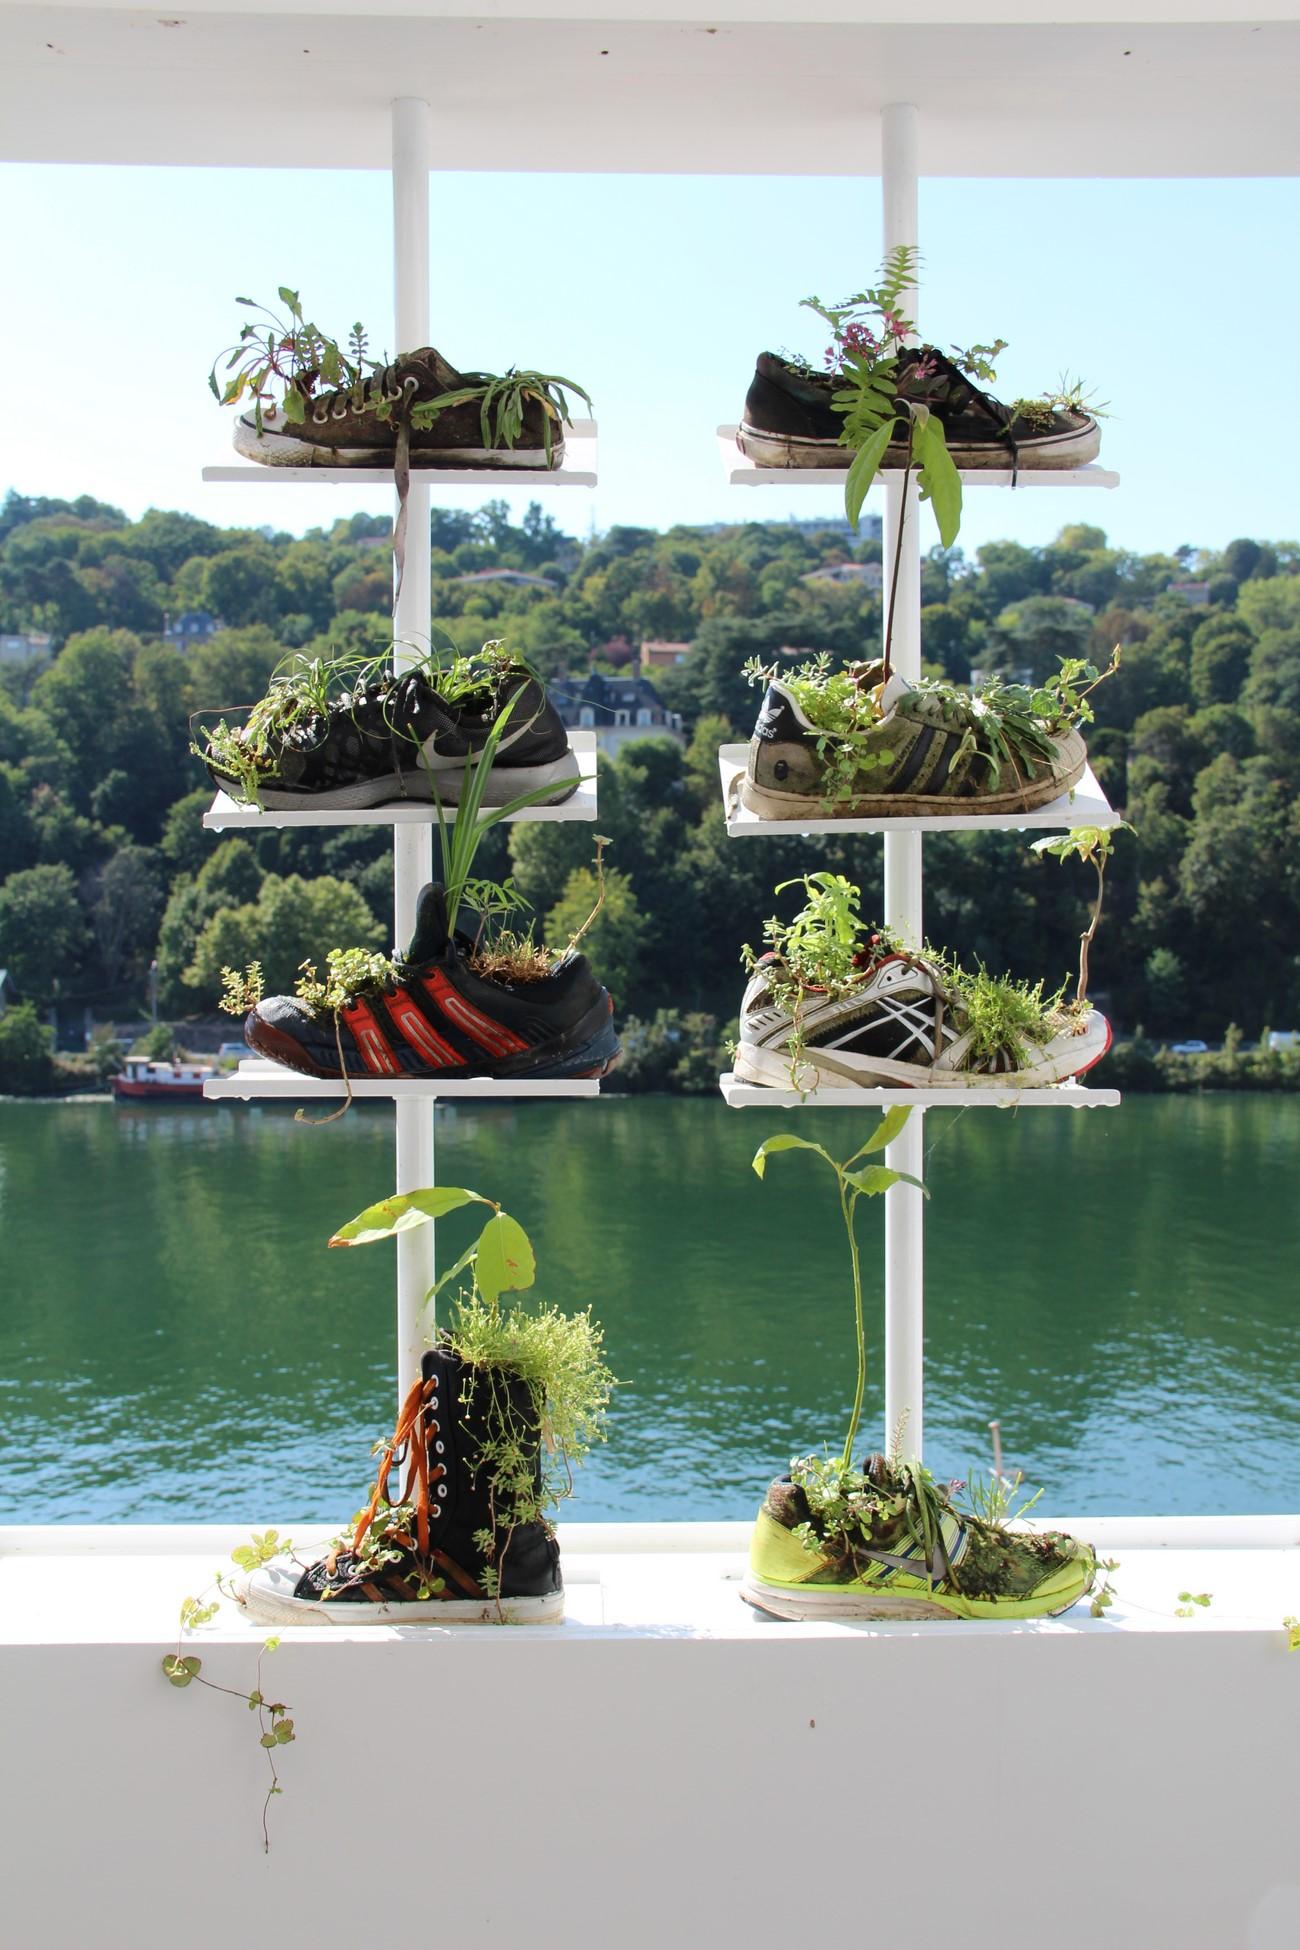 Biennale art contemporain lyon 2015 de lyon en large for Le jardin extraordinaire 09